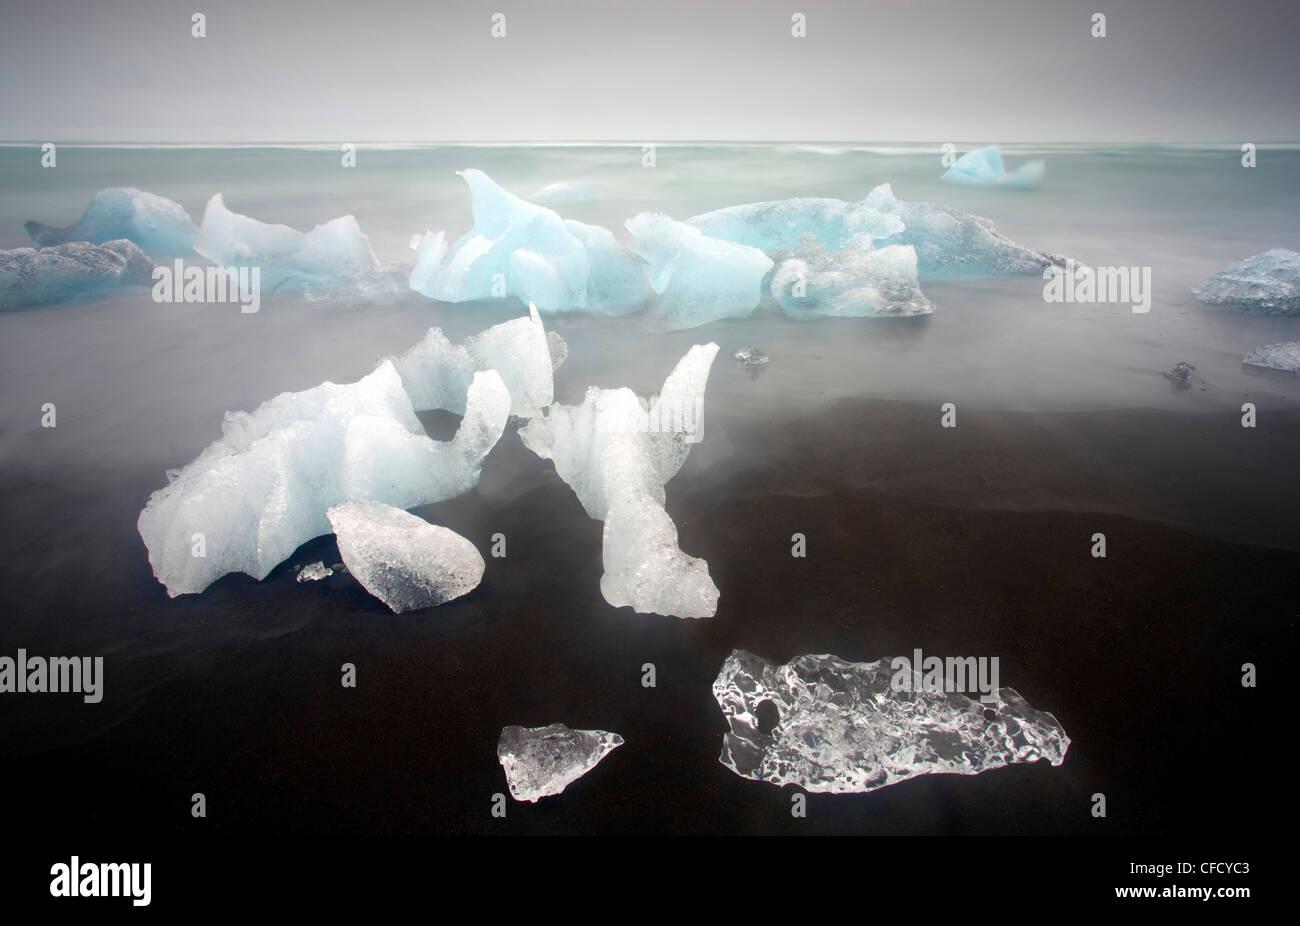 Los icebergs desde la Laguna glaciar Jokulsarlon arrastrados hasta una cercana playa de arena volcánica en el Océano Atlántico Norte, Islandia Foto de stock